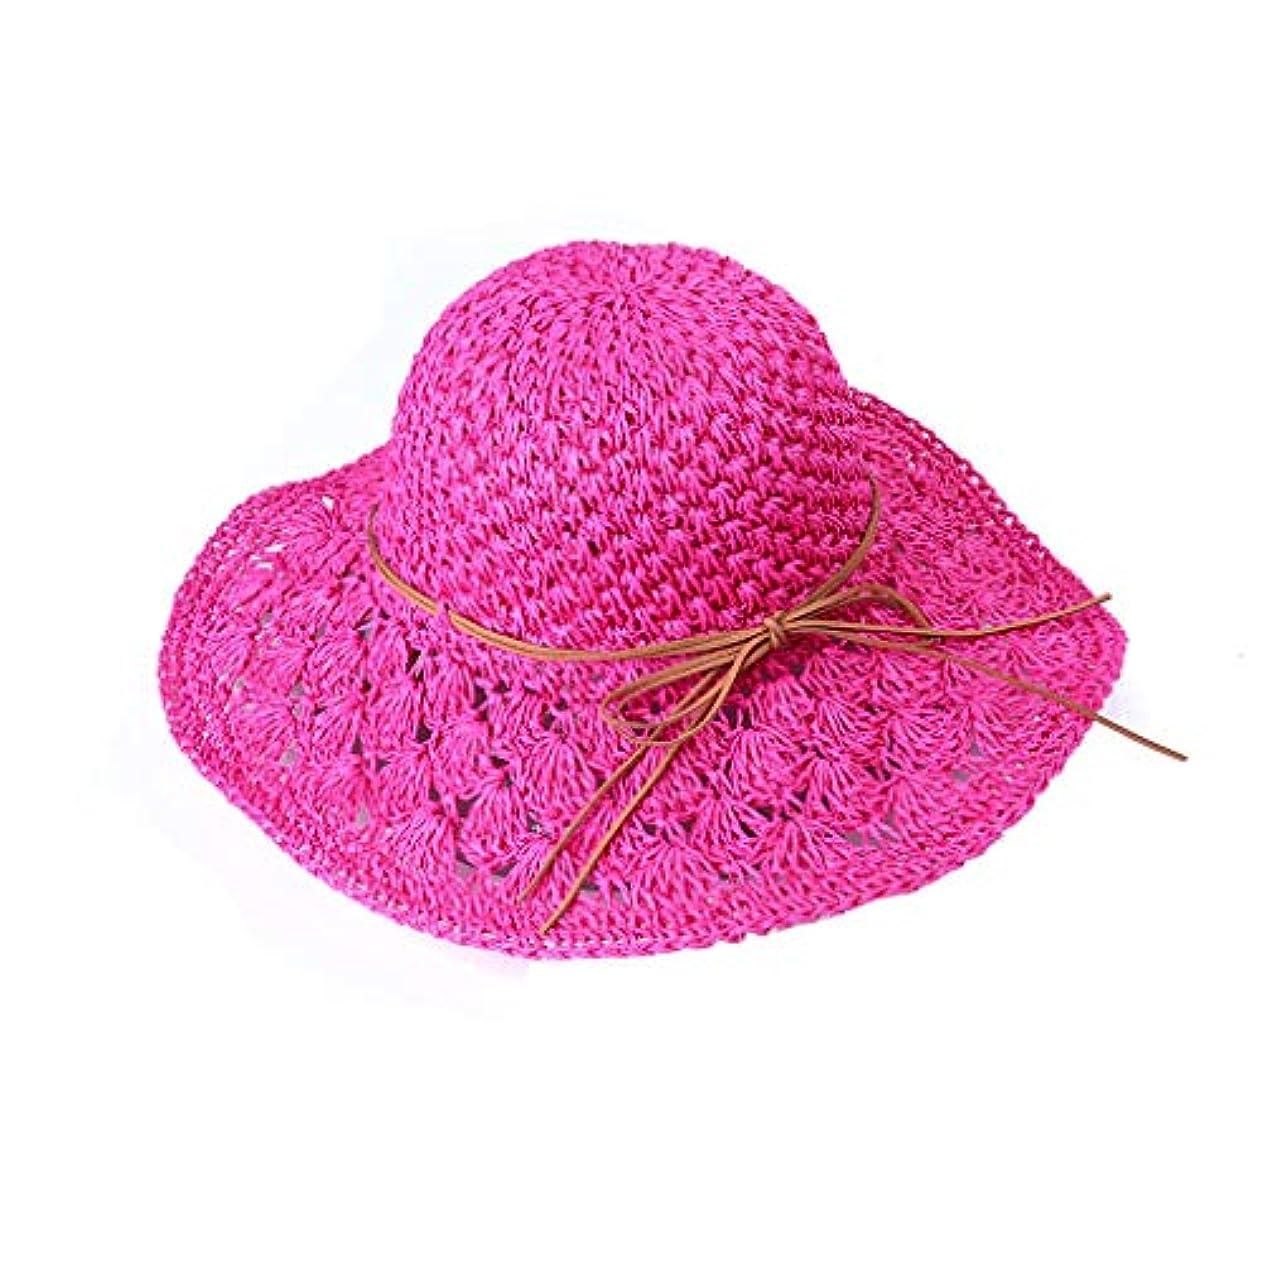 マトロン今晩避ける帽子 レディース UVカット uv帽 熱中症予防 広幅 取り外すあご紐 スナップ収納 折りたたみ つば広 調節テープ 吸汗通気 つば広 紫外線カット サファリハット 紫外線対策 おしゃれ 高級感 ROSE ROMAN